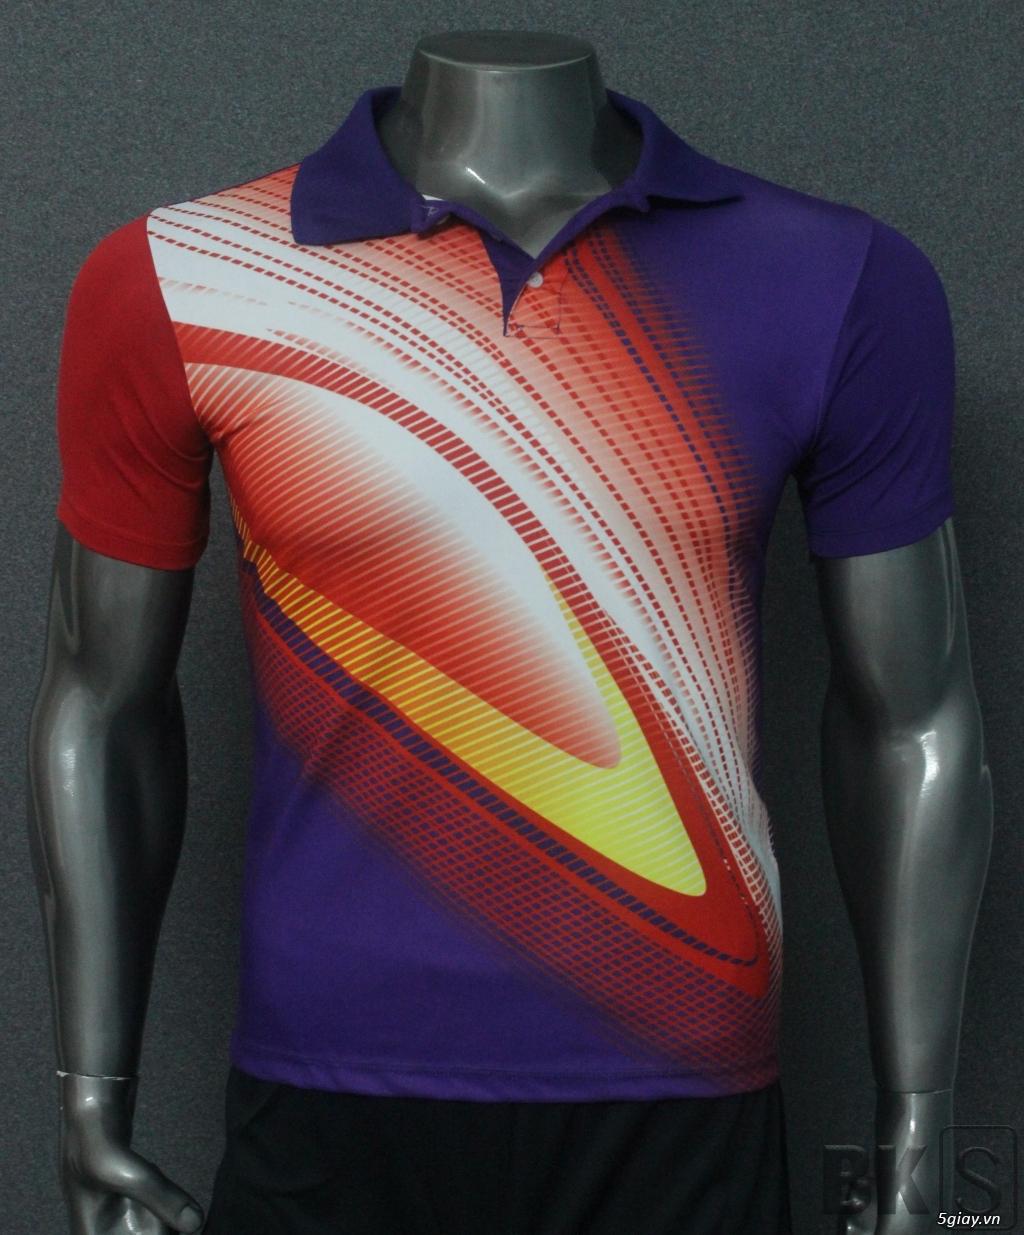 Áo bóng đá HP-địa chỉ gốc sản xuất trang phục thể thao số 1 Việt Nam - 14